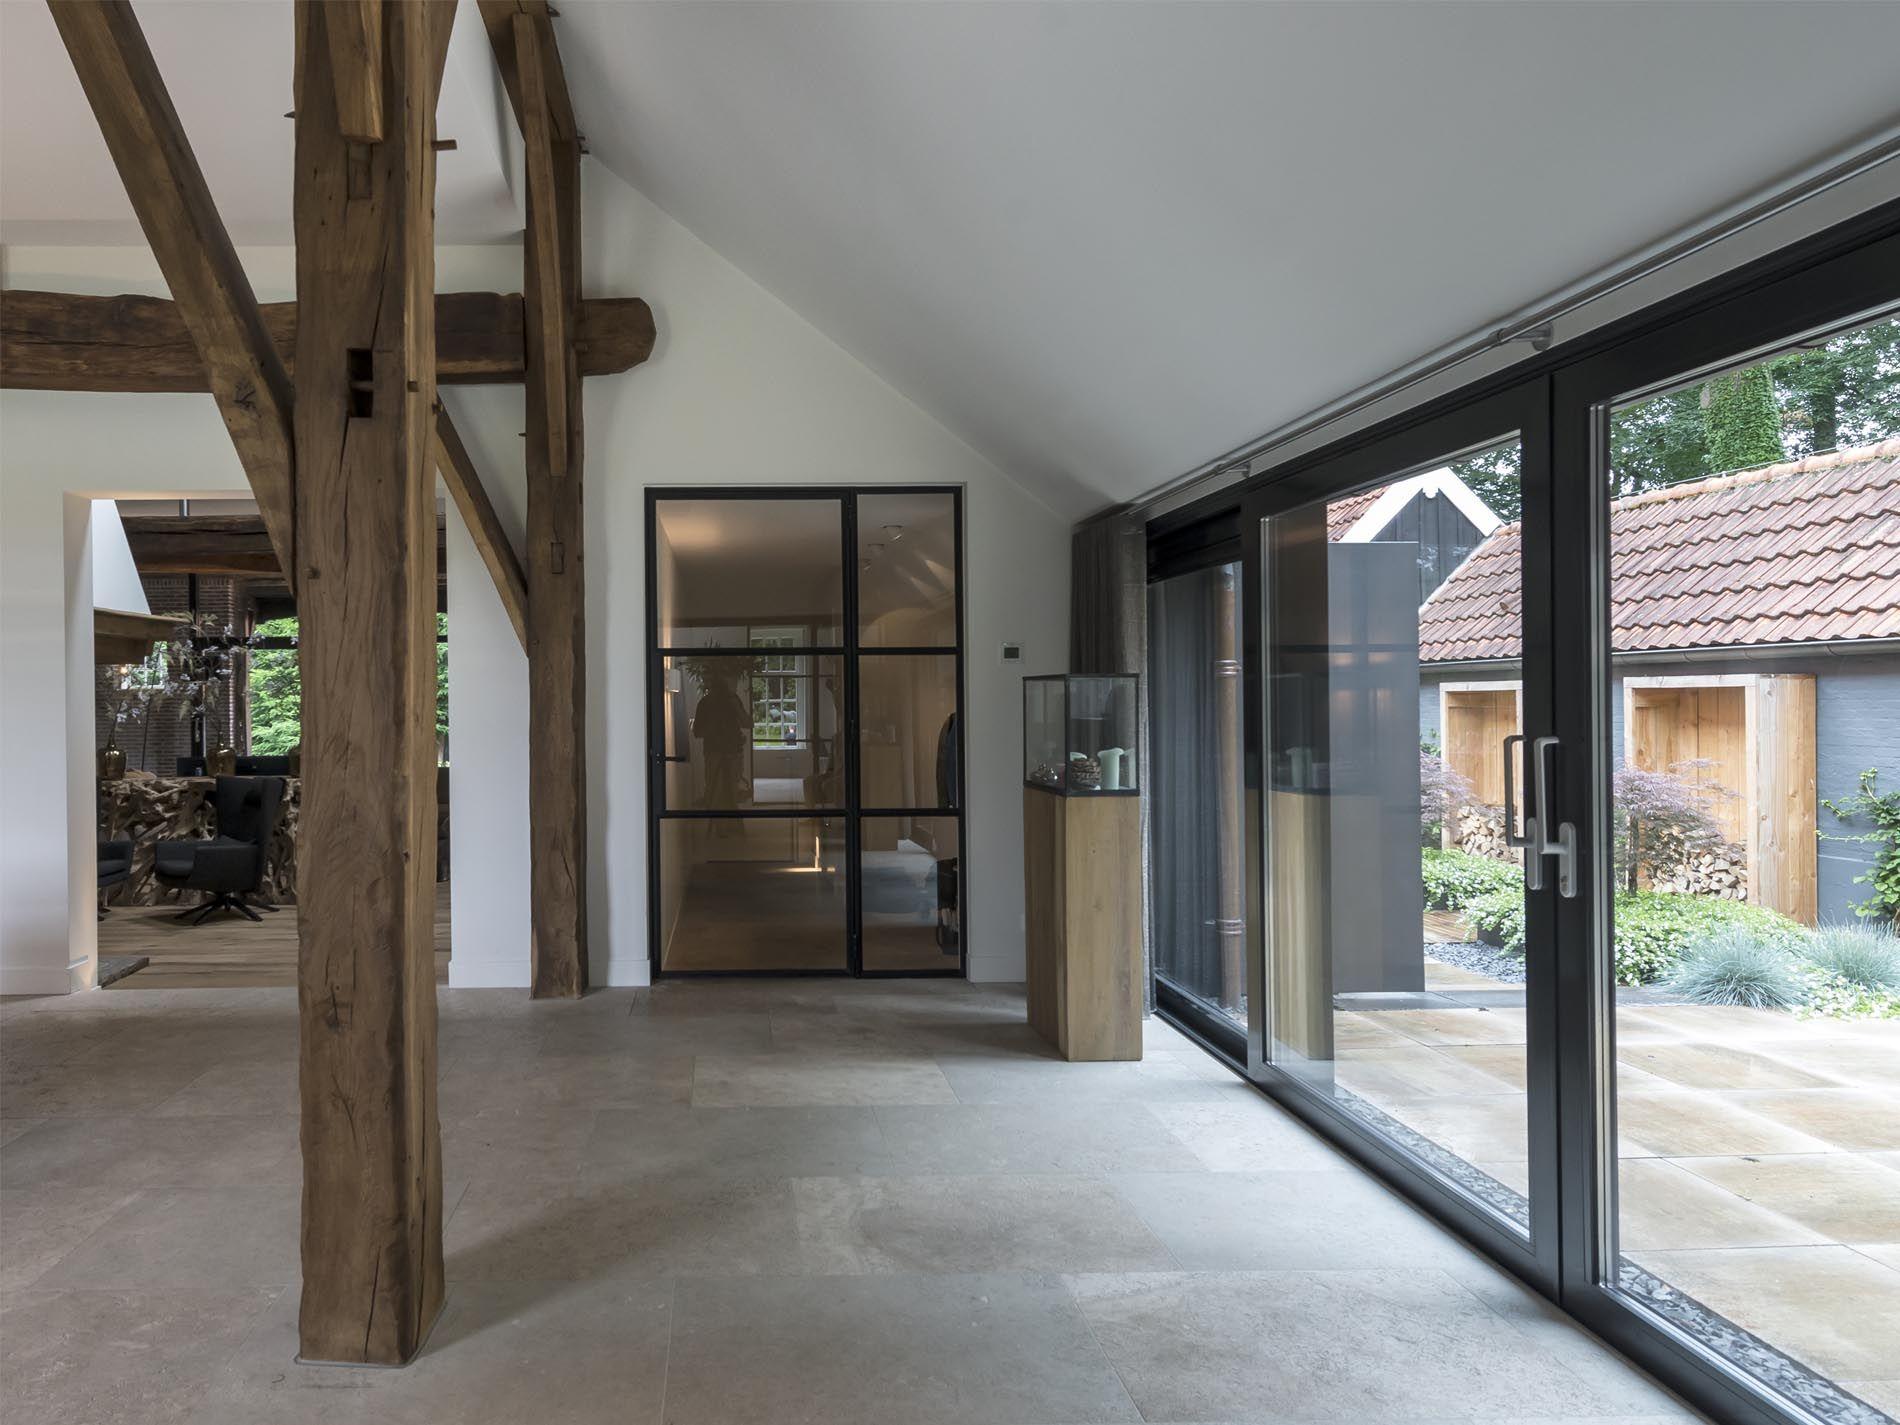 Maas architecten verbouwing boerderij enschede maas architecten moodbord langbroekerdijk - Exterieur ingang eigentijds huis ...